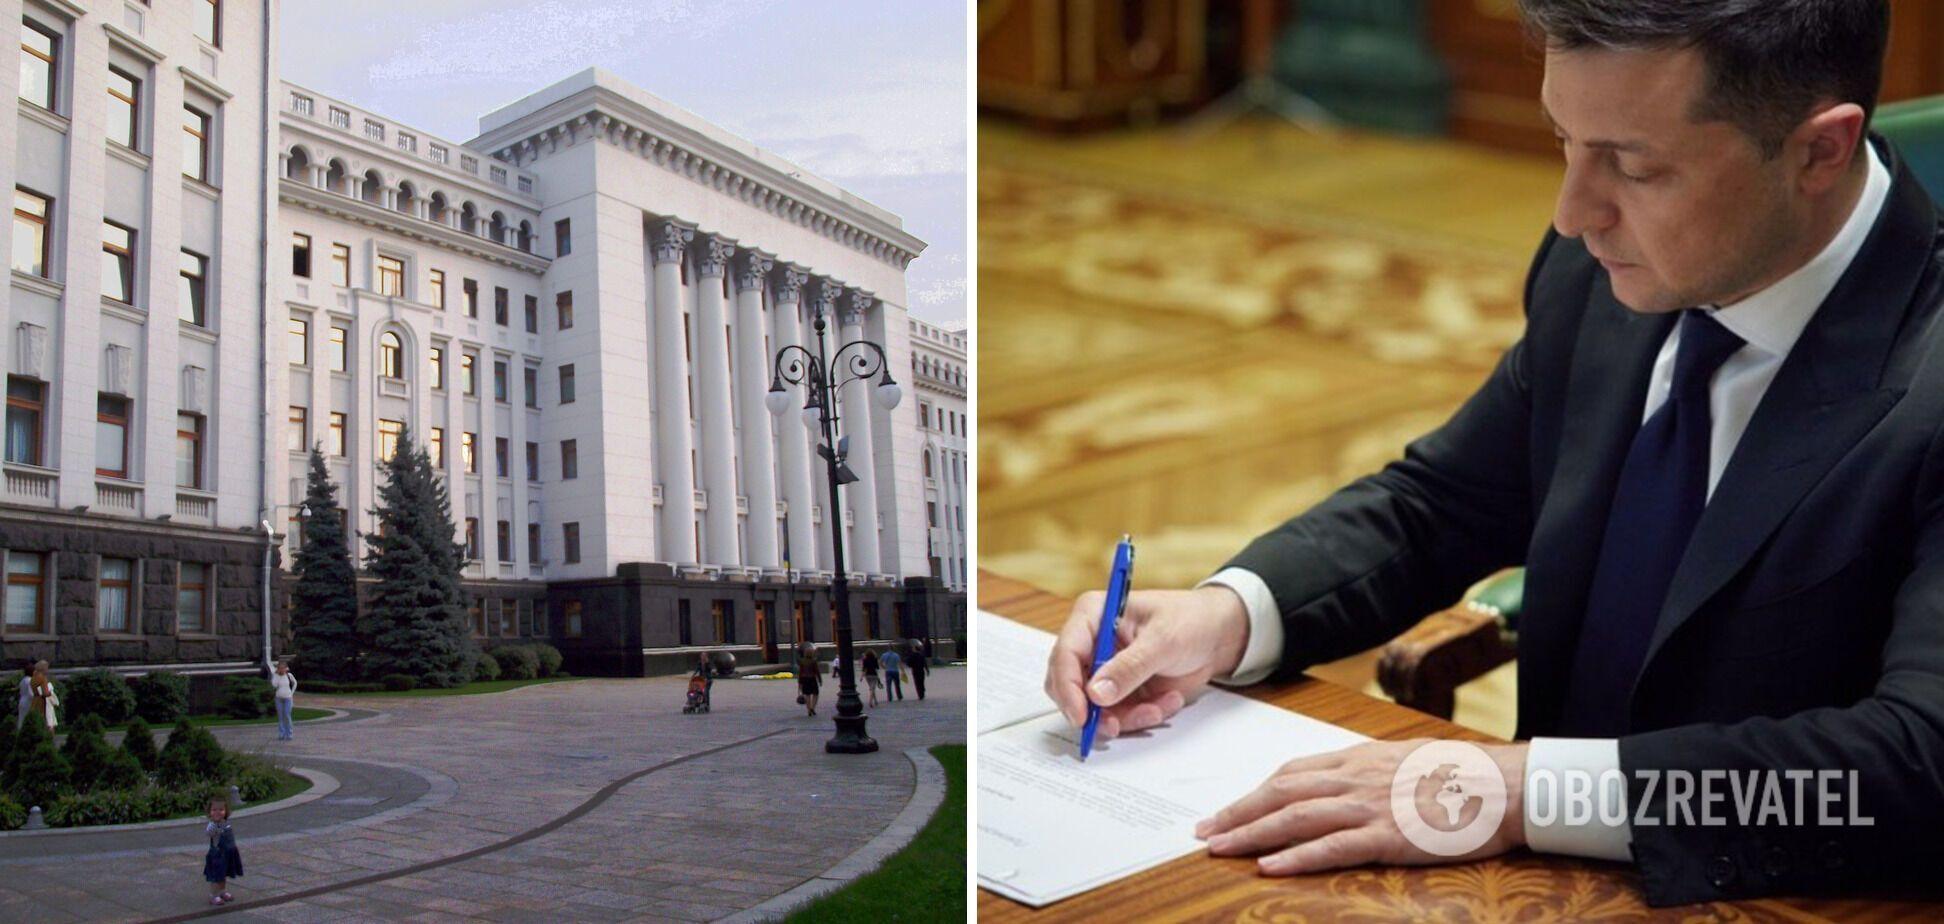 Влада в Україні замість боротьби з корупцією зациклена на кампанії проти олігархів, – Аслунд